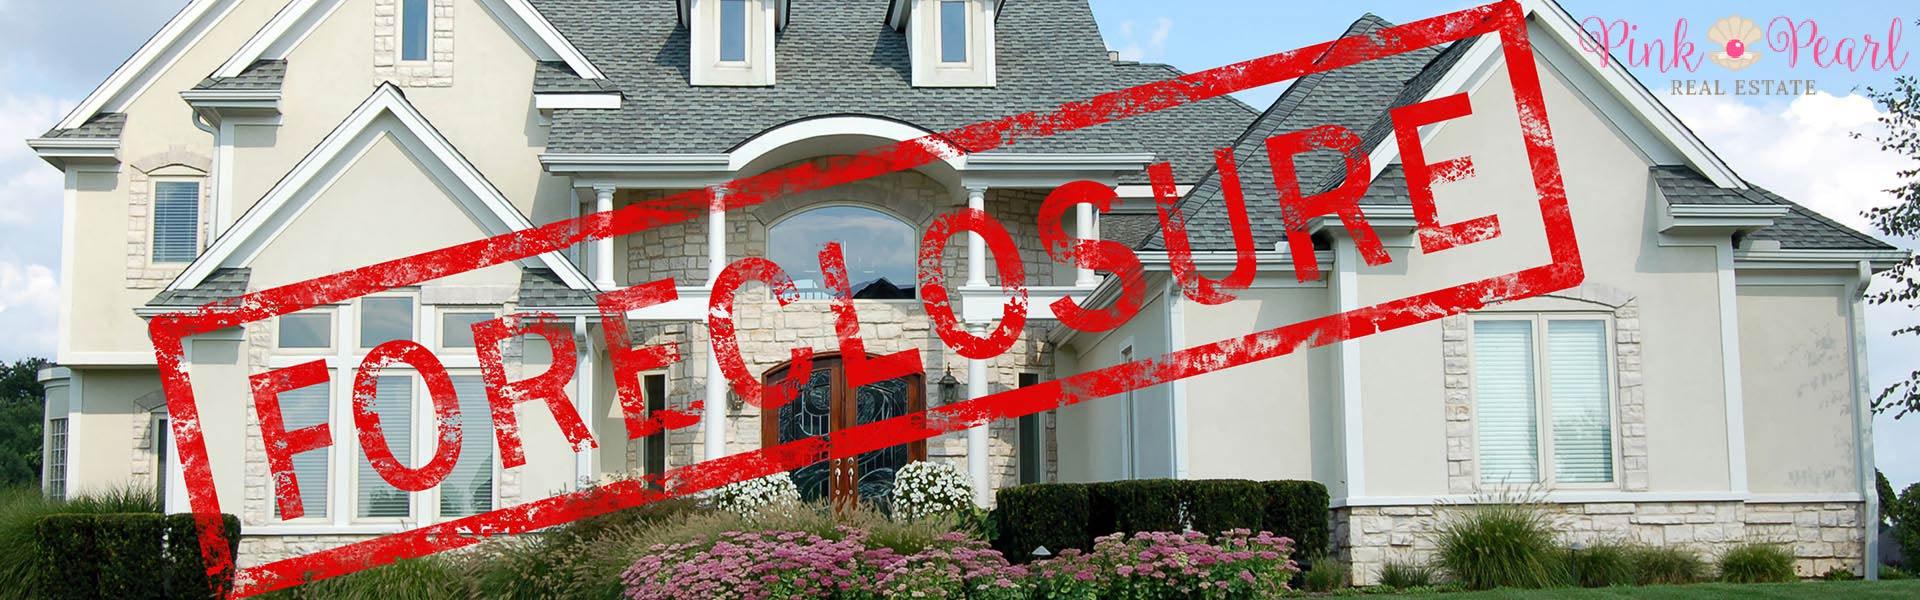 Virginia Beach Foreclosures